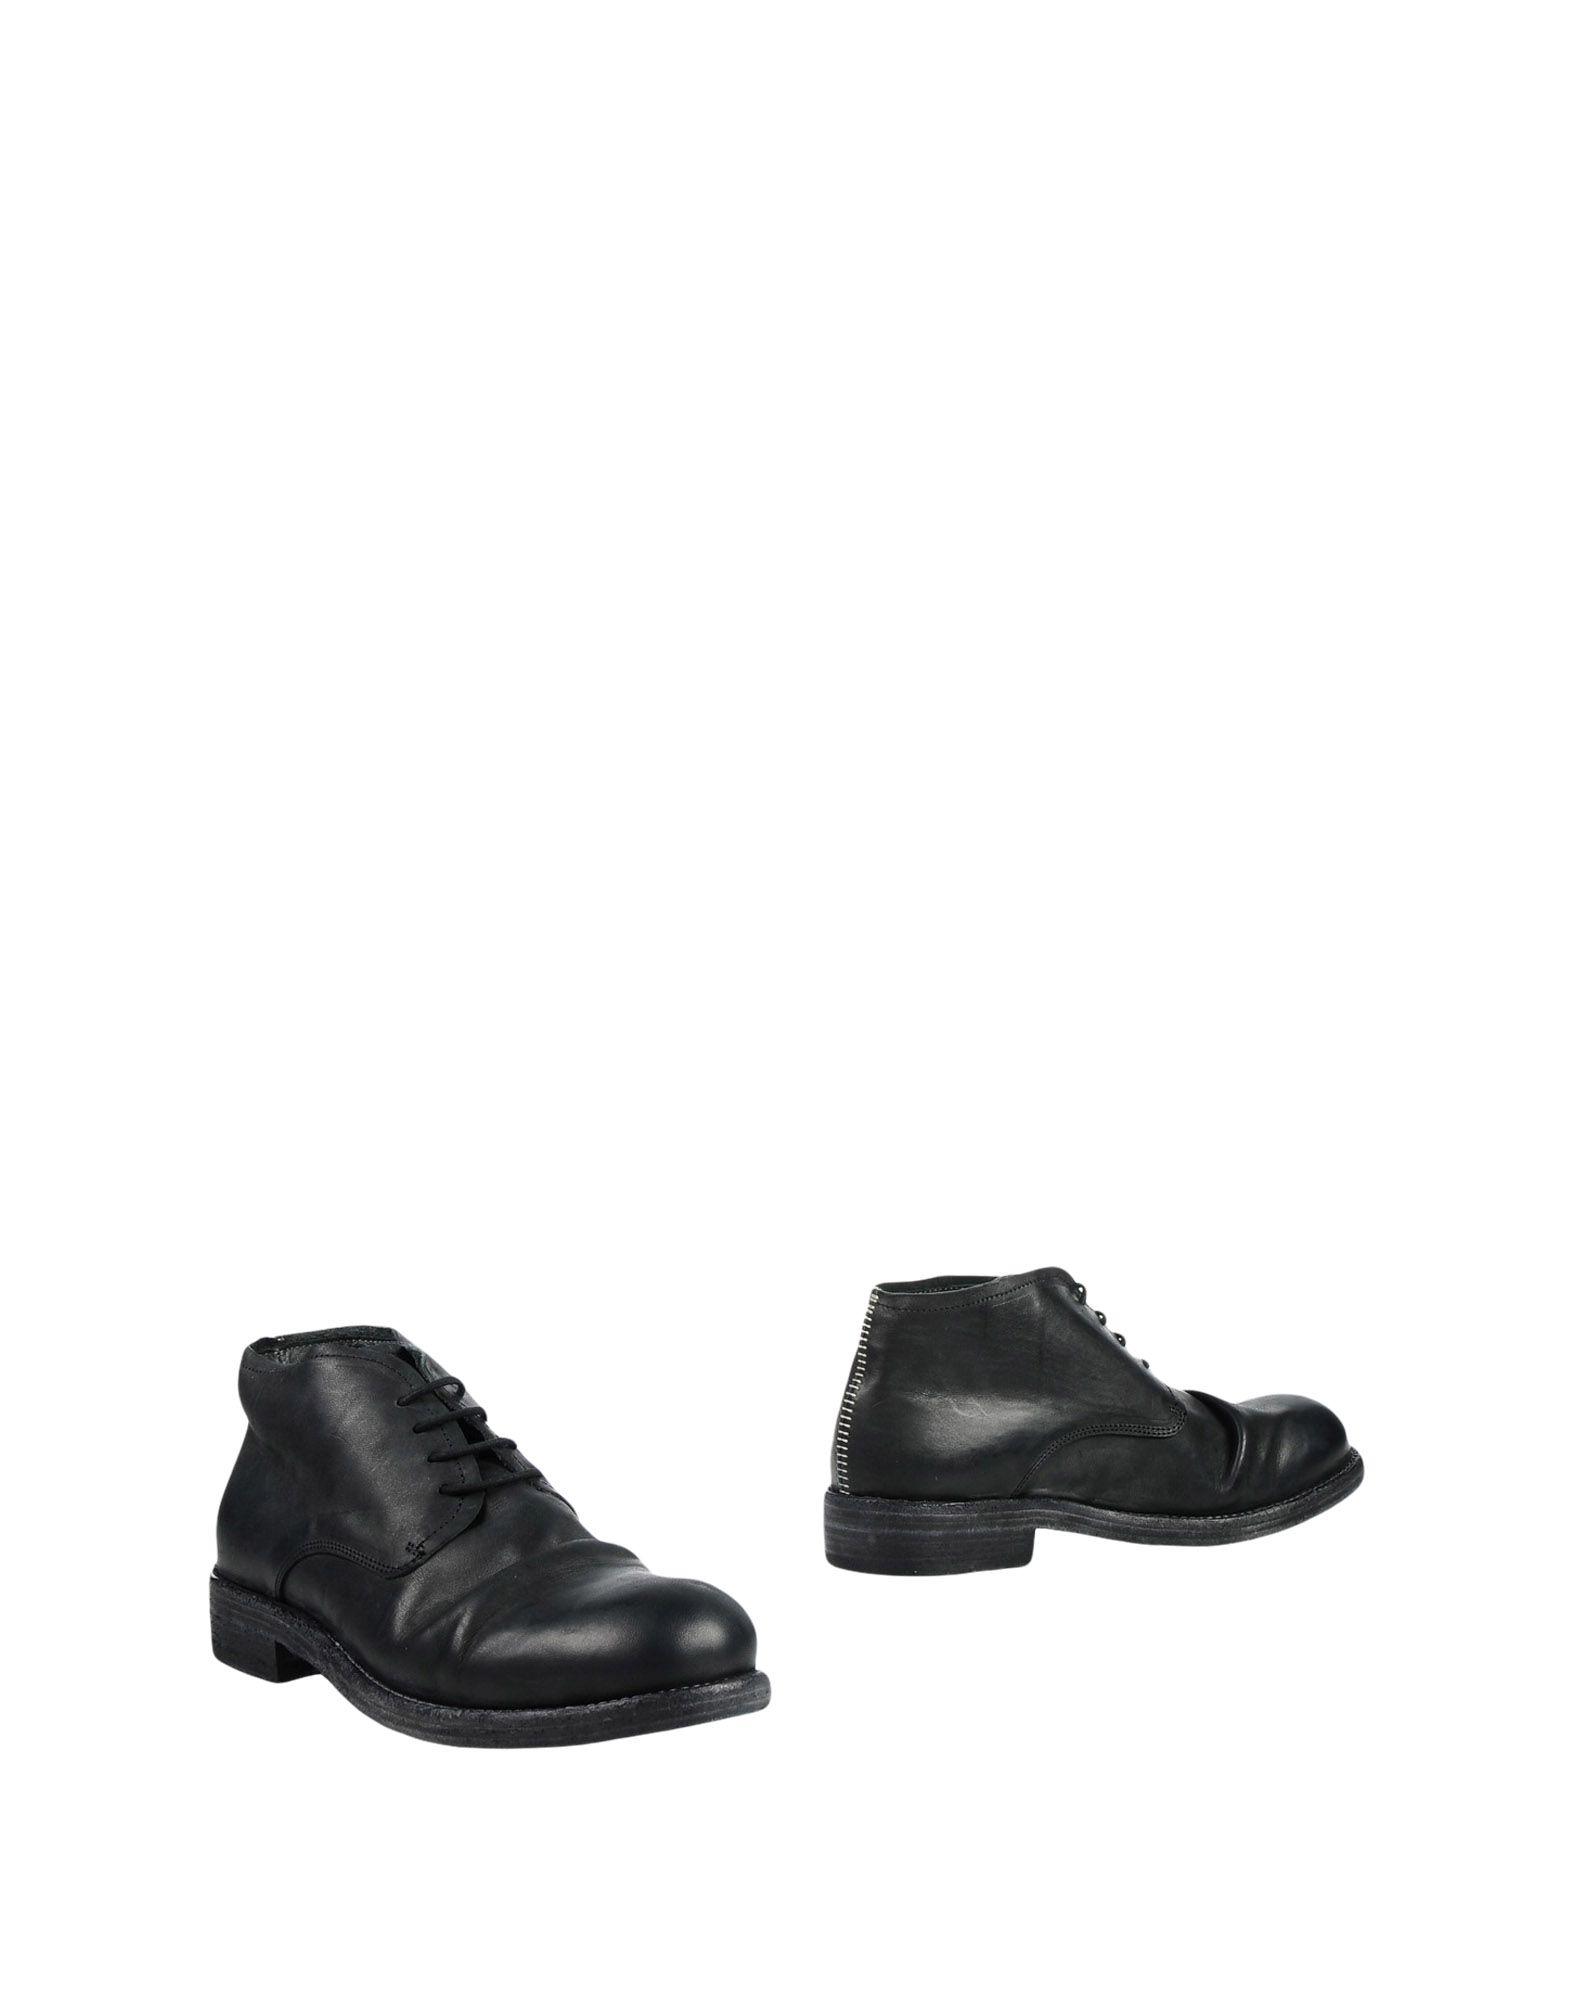 10SEI0OTTO Полусапоги и высокие ботинки 10 sei 0 otto кардиган